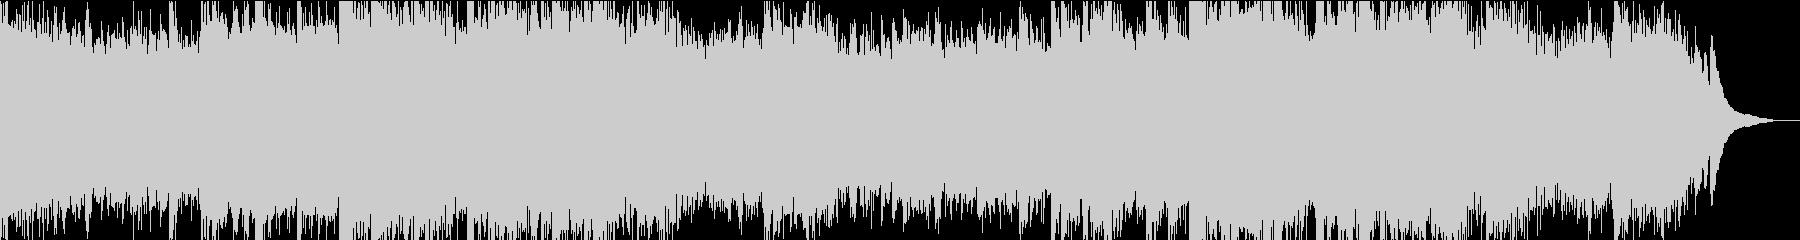 暗いホラーな雰囲気のBGMの未再生の波形